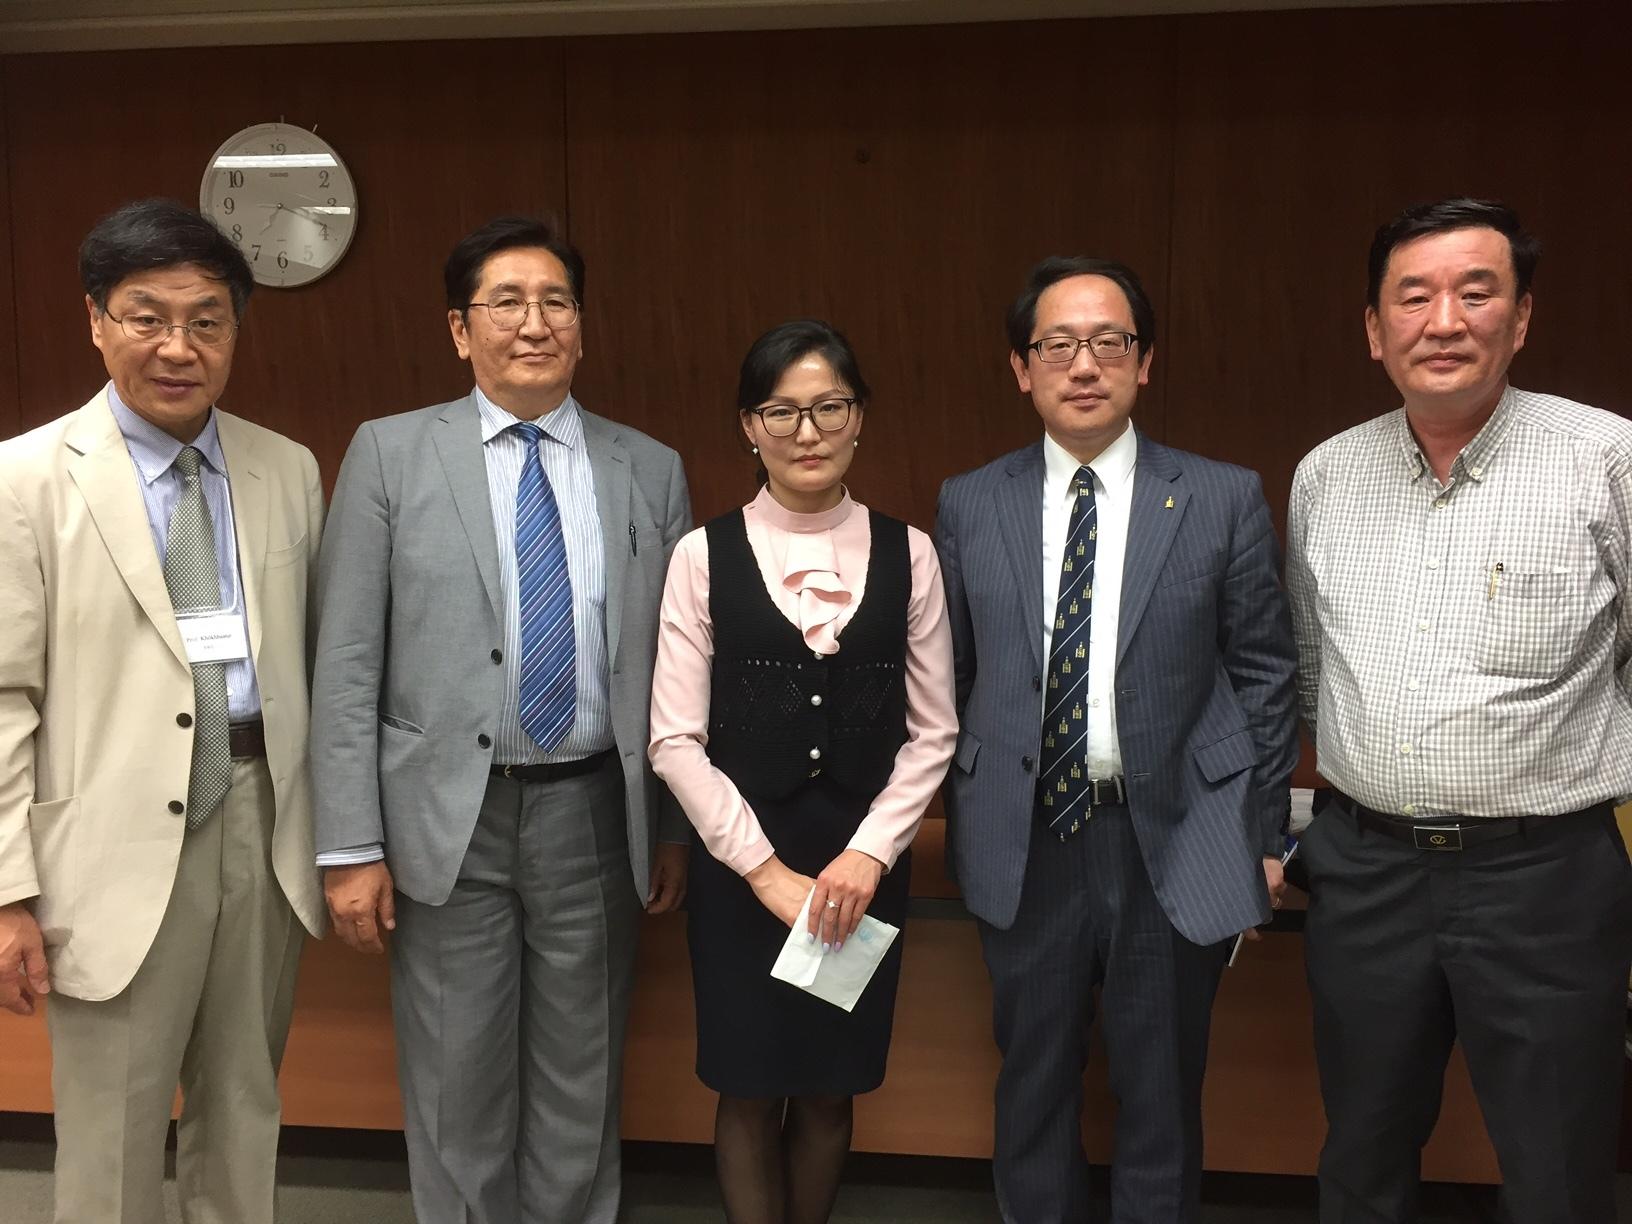 モンゴル社会言語学学術会議5